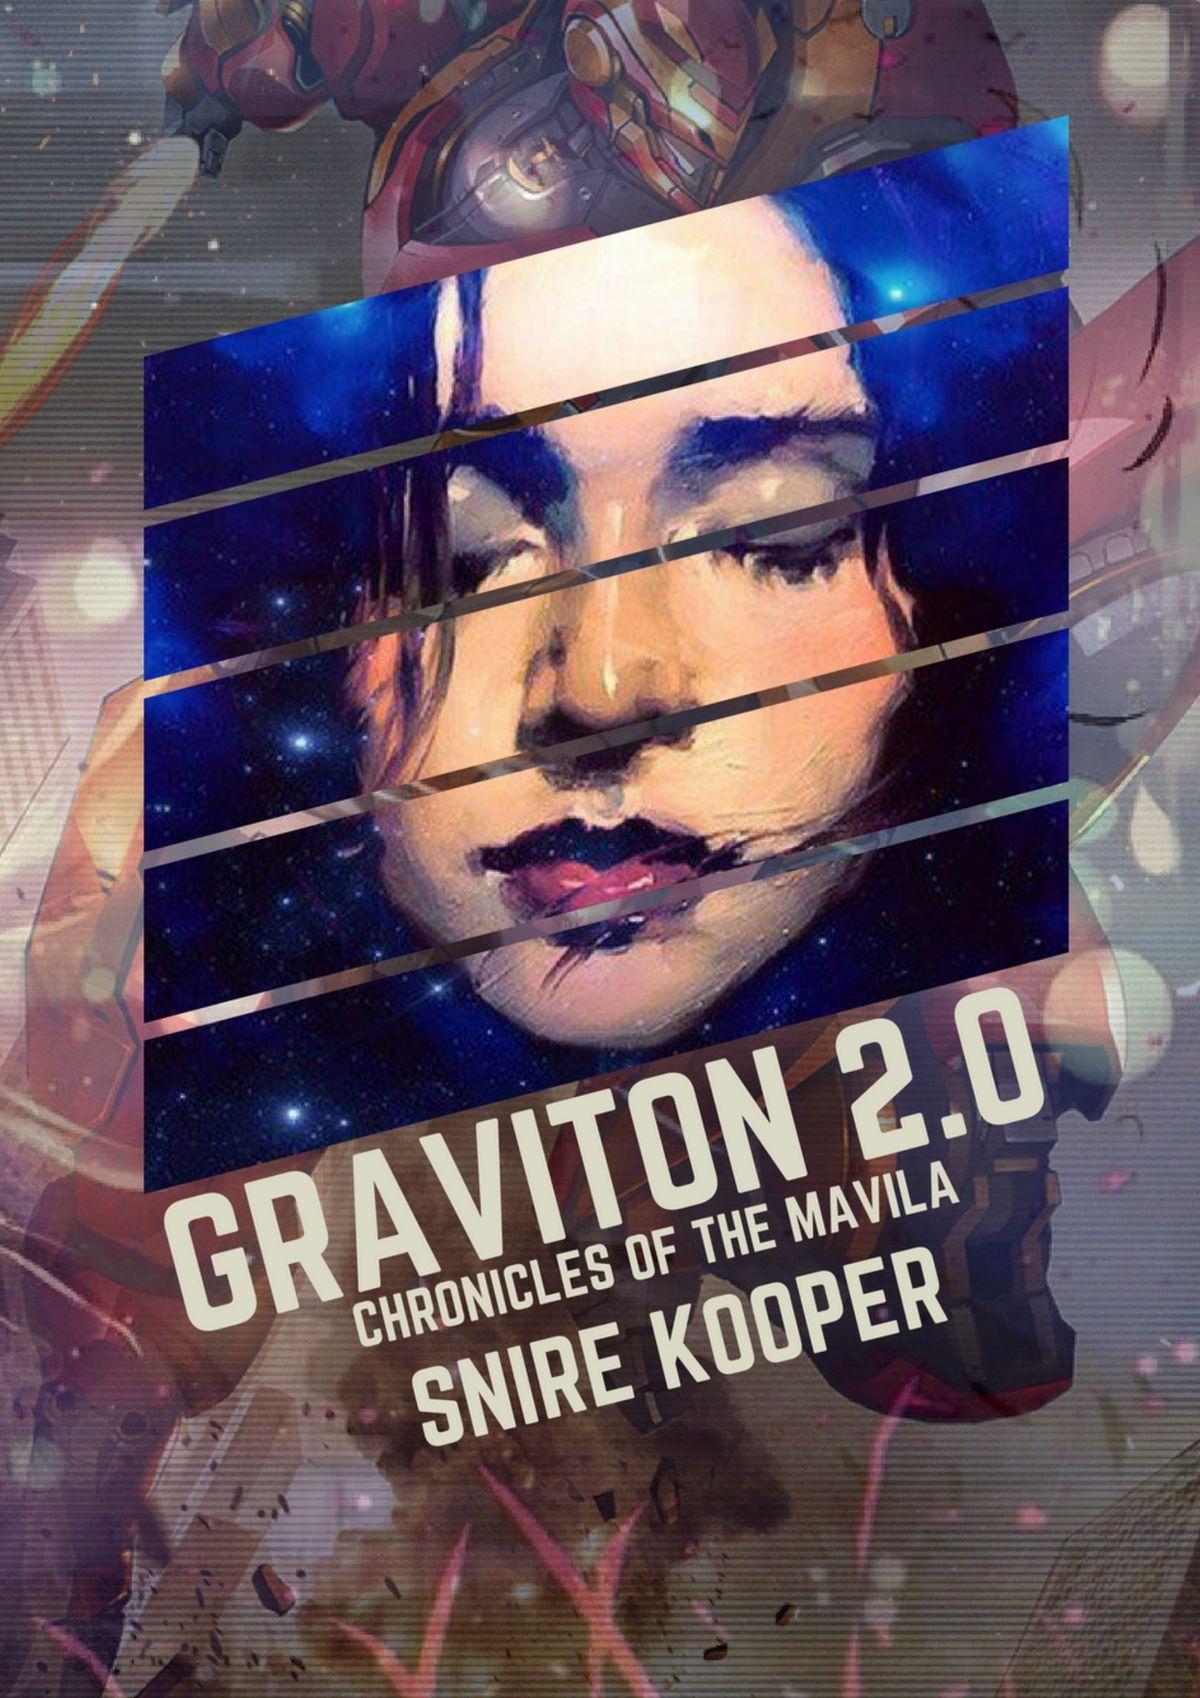 Graviton 2.0